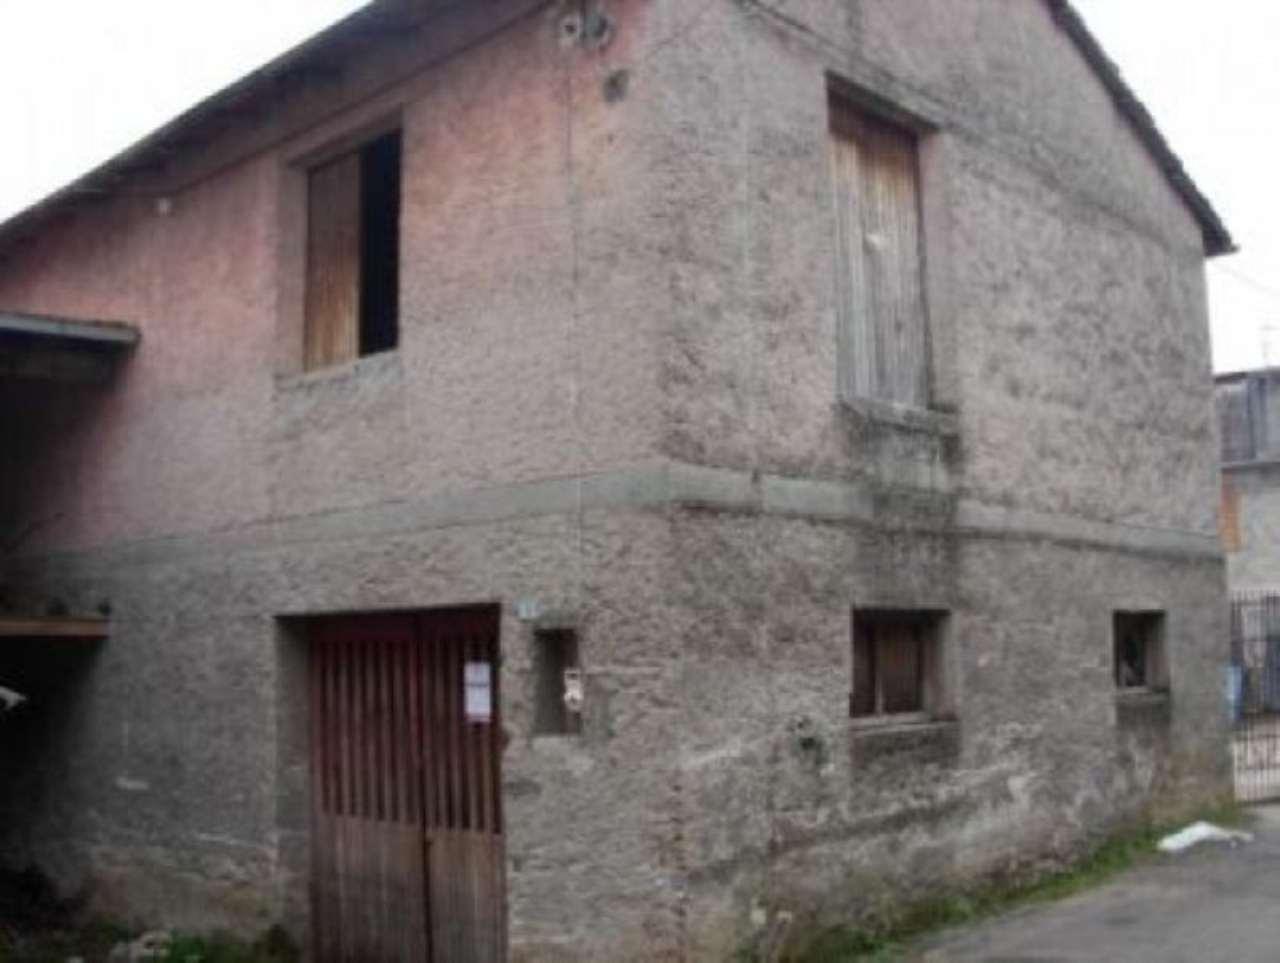 Rustico / Casale in vendita a Avezzano, 3 locali, prezzo € 60.000 | Cambio Casa.it